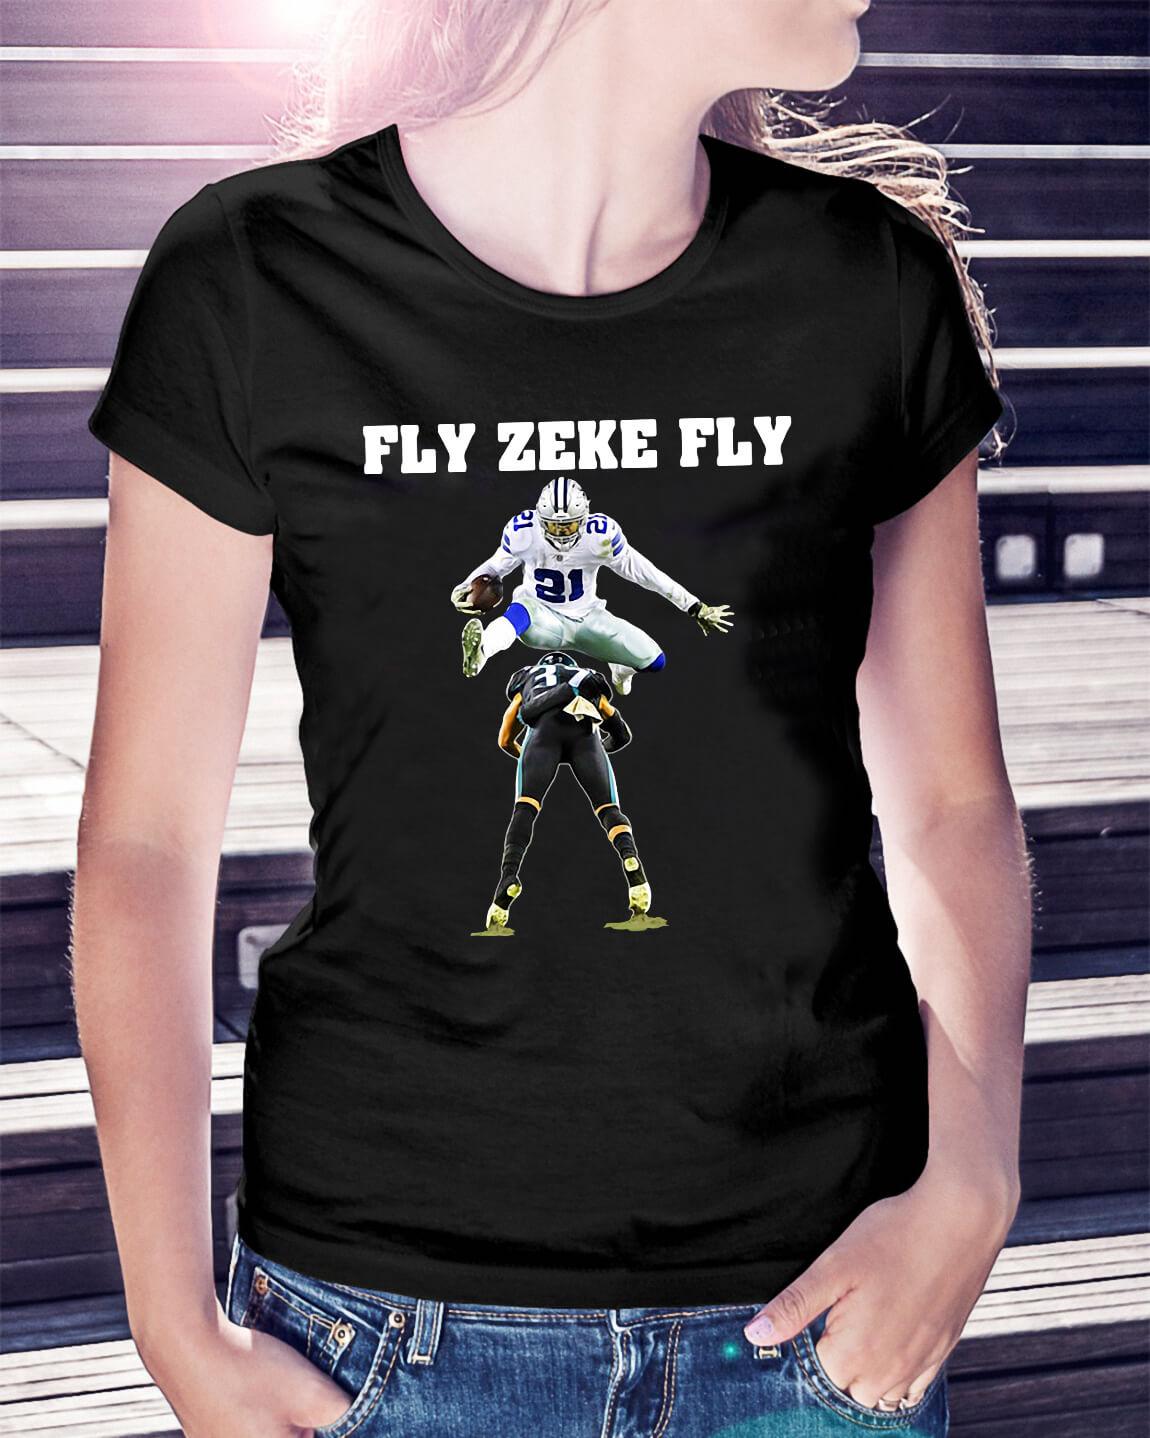 27ac4a34519 Official Ezekiel Elliott Fly Zeke Fly Ladies Tee